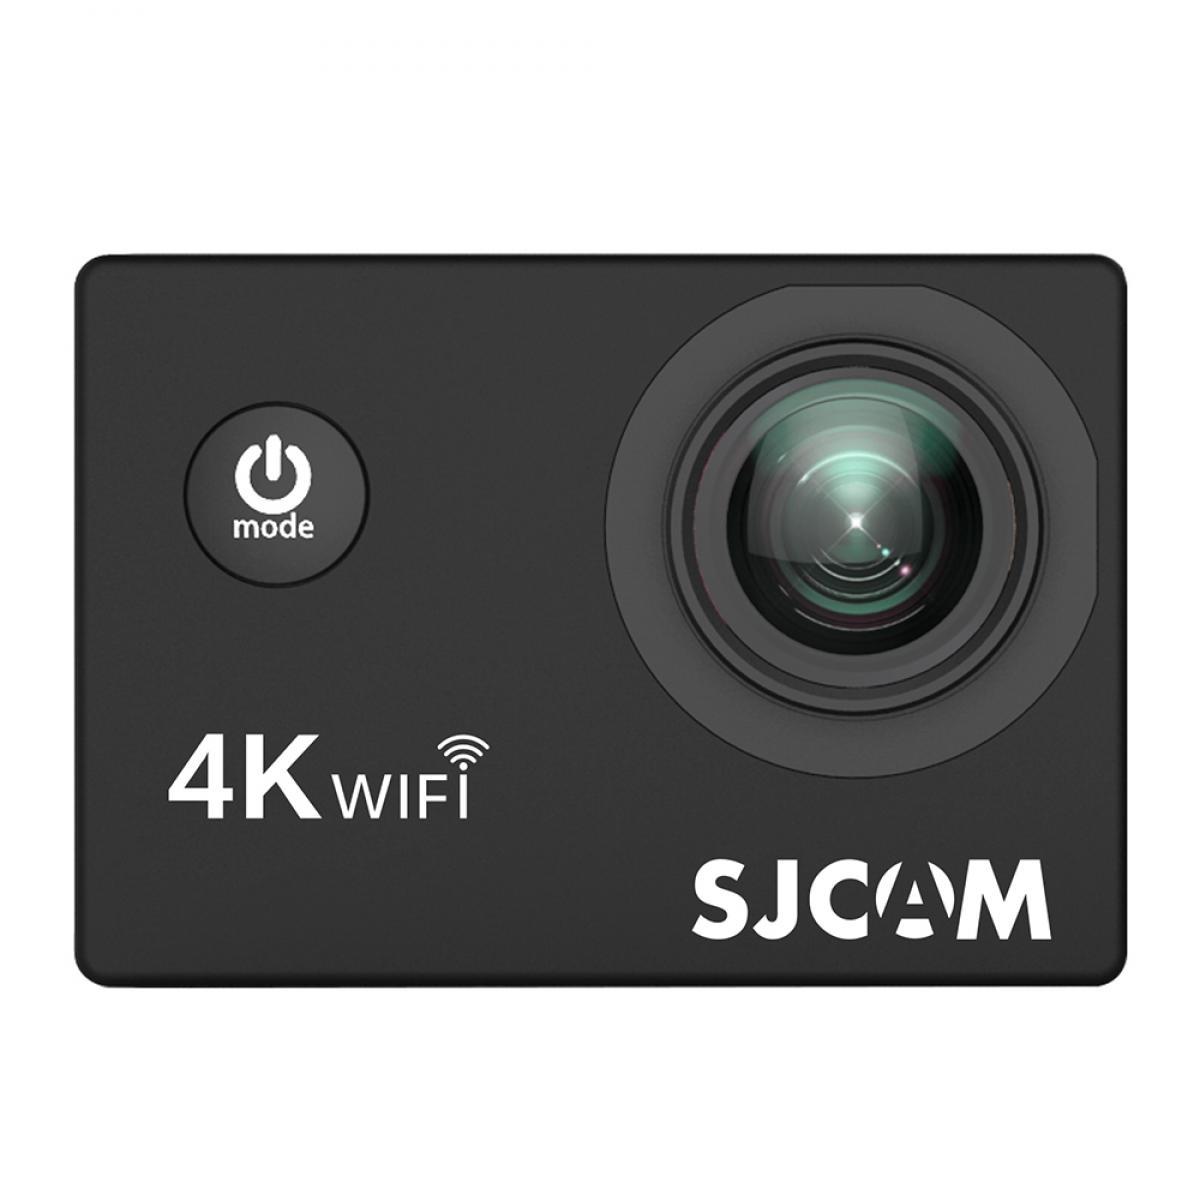 SJCAM SJ4000 AIR Action Camera Deportiva 4K 30FPS WiFi 2.0 polegadas LCD, mergulho 30m à prova d'água